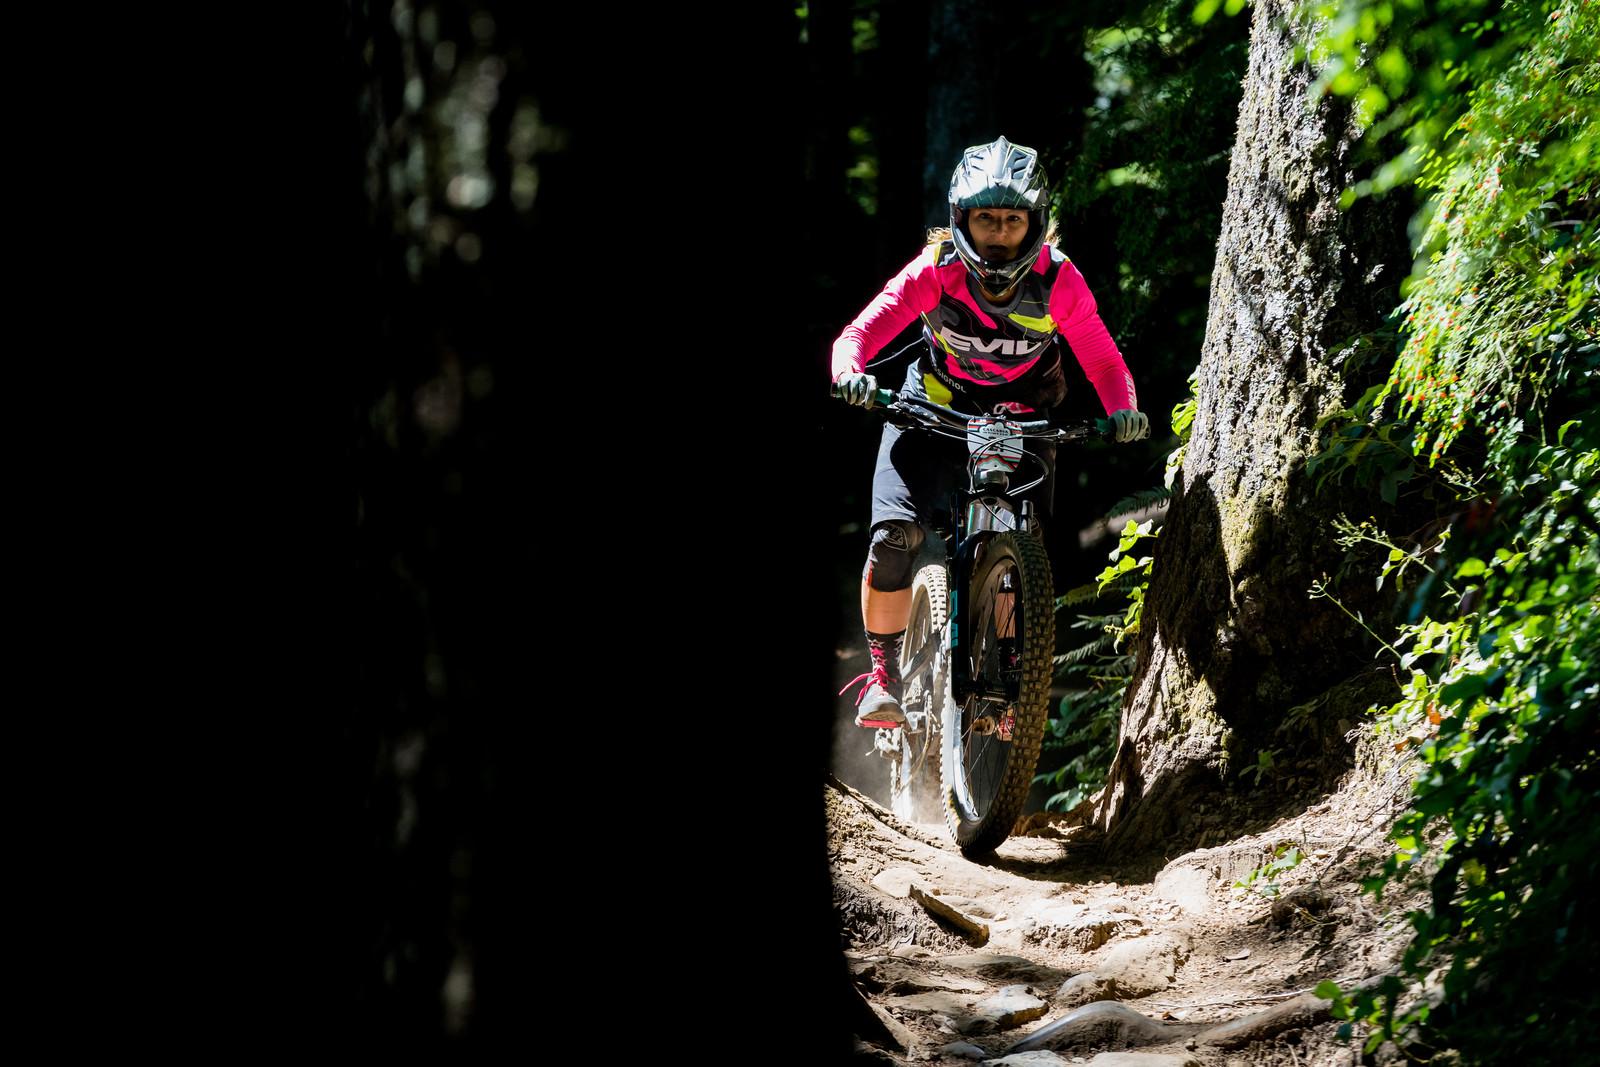 Linnea Rooke on her way to 2nd in Pro women